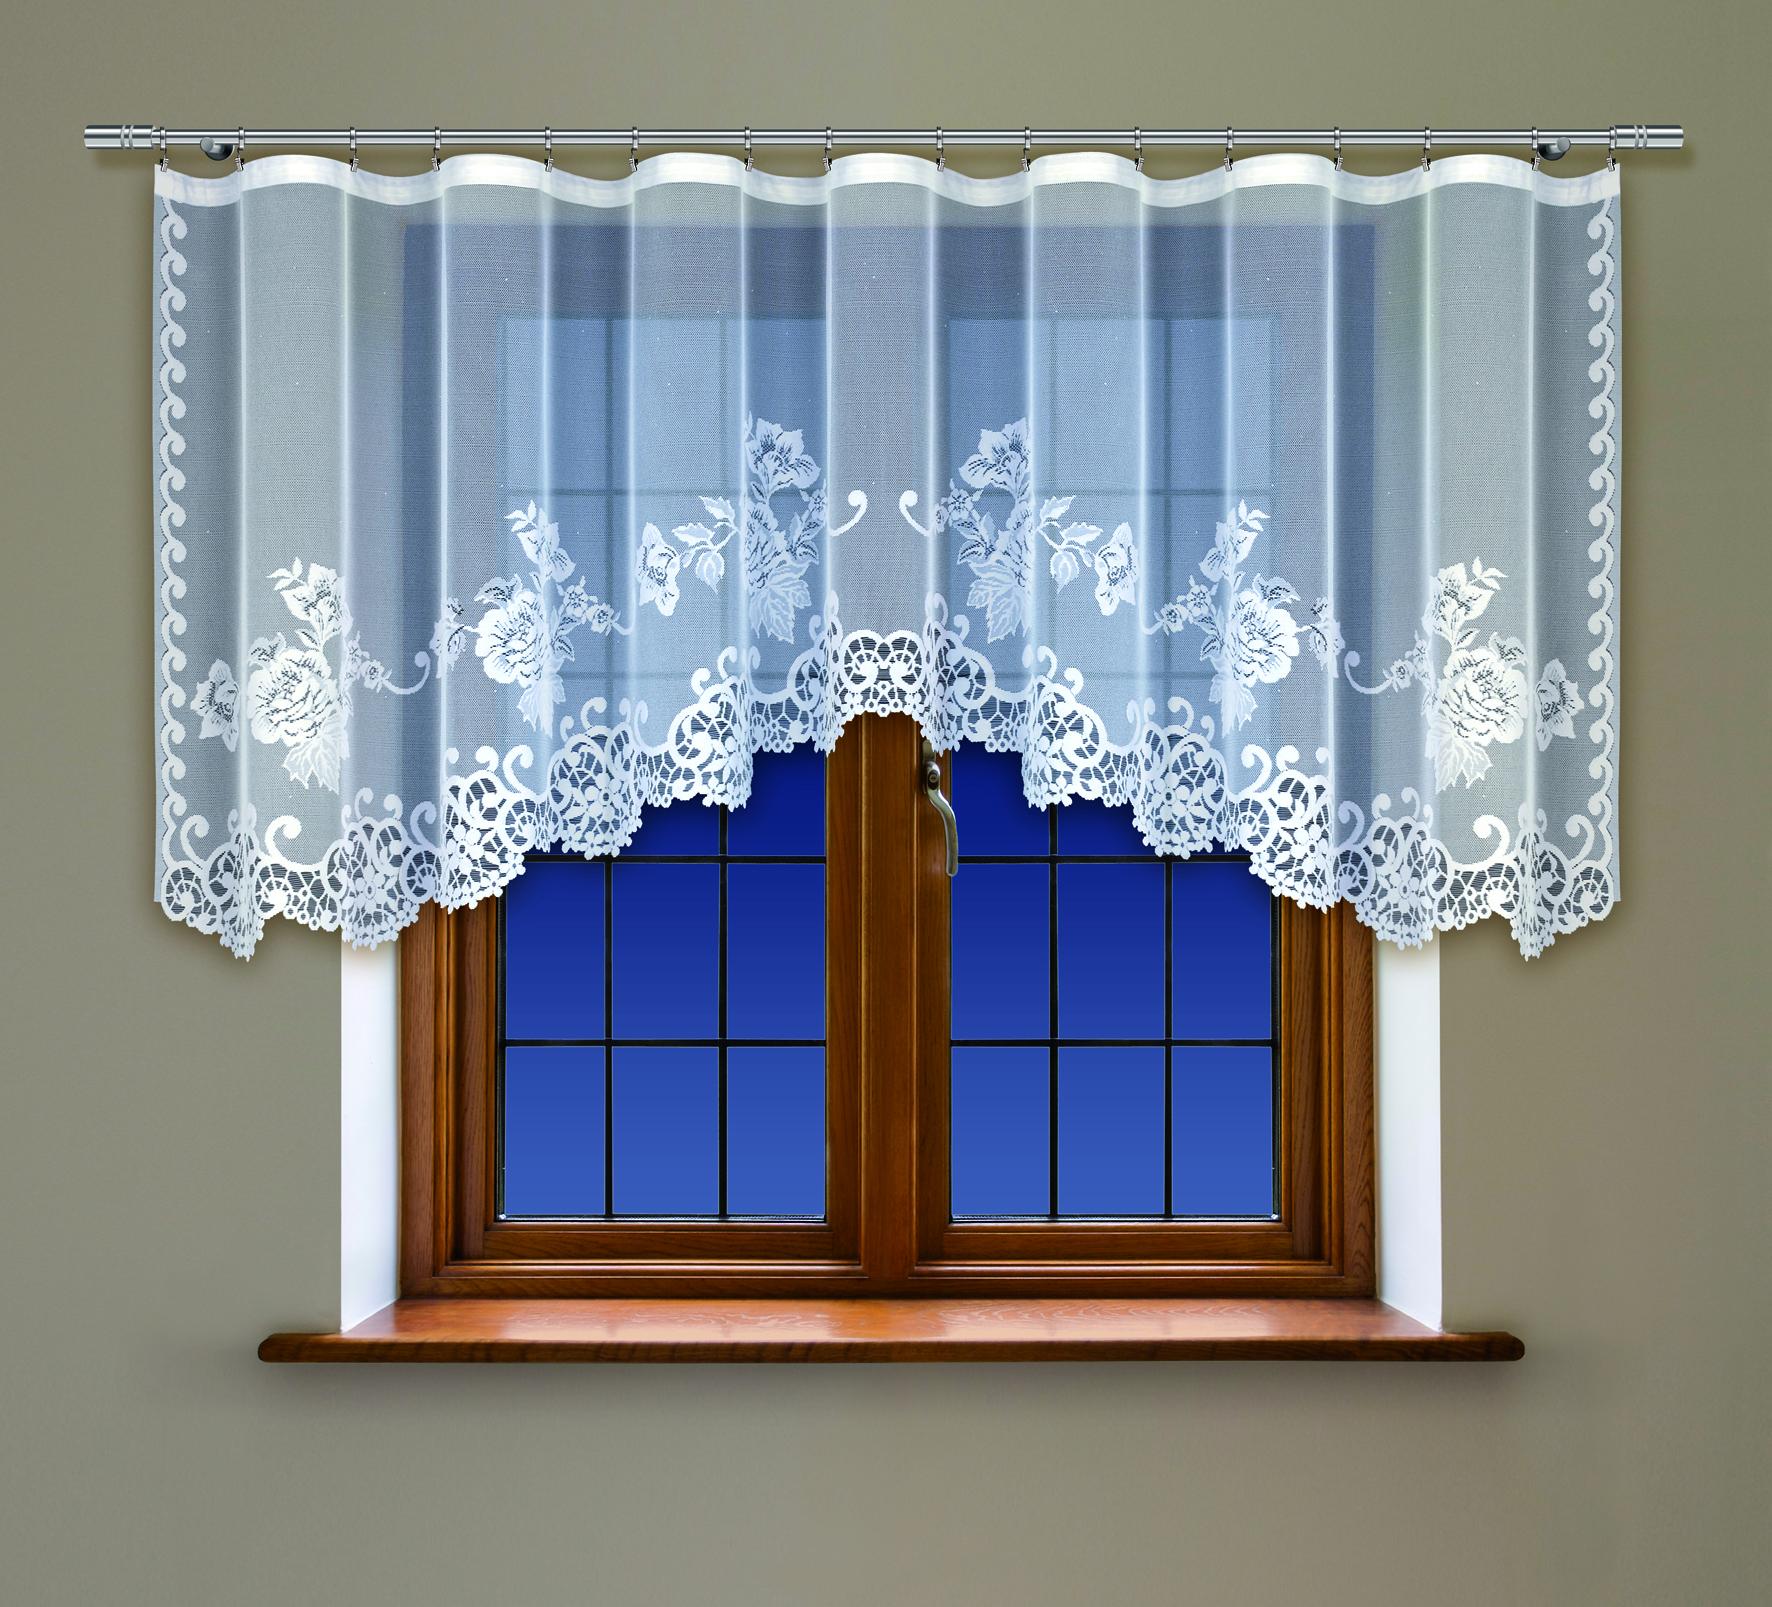 Гардина Haft, на ленте, цвет: белый, высота 115 см. 218370/115218370/115Воздушная гардина Haft, изготовленная из полиэстера белого цвета, станет великолепным украшением кухонного окна. Оригинальный цветочный рисунок, тонкое кружево и нежный орнамент привлечет к себе внимание и органично впишется в интерьер помещения. В гардину вшита шторная лента для красивой сборки. В комплект входит: Гардина - 1 шт. Размер (Ш х В): 300 см х 115 см.